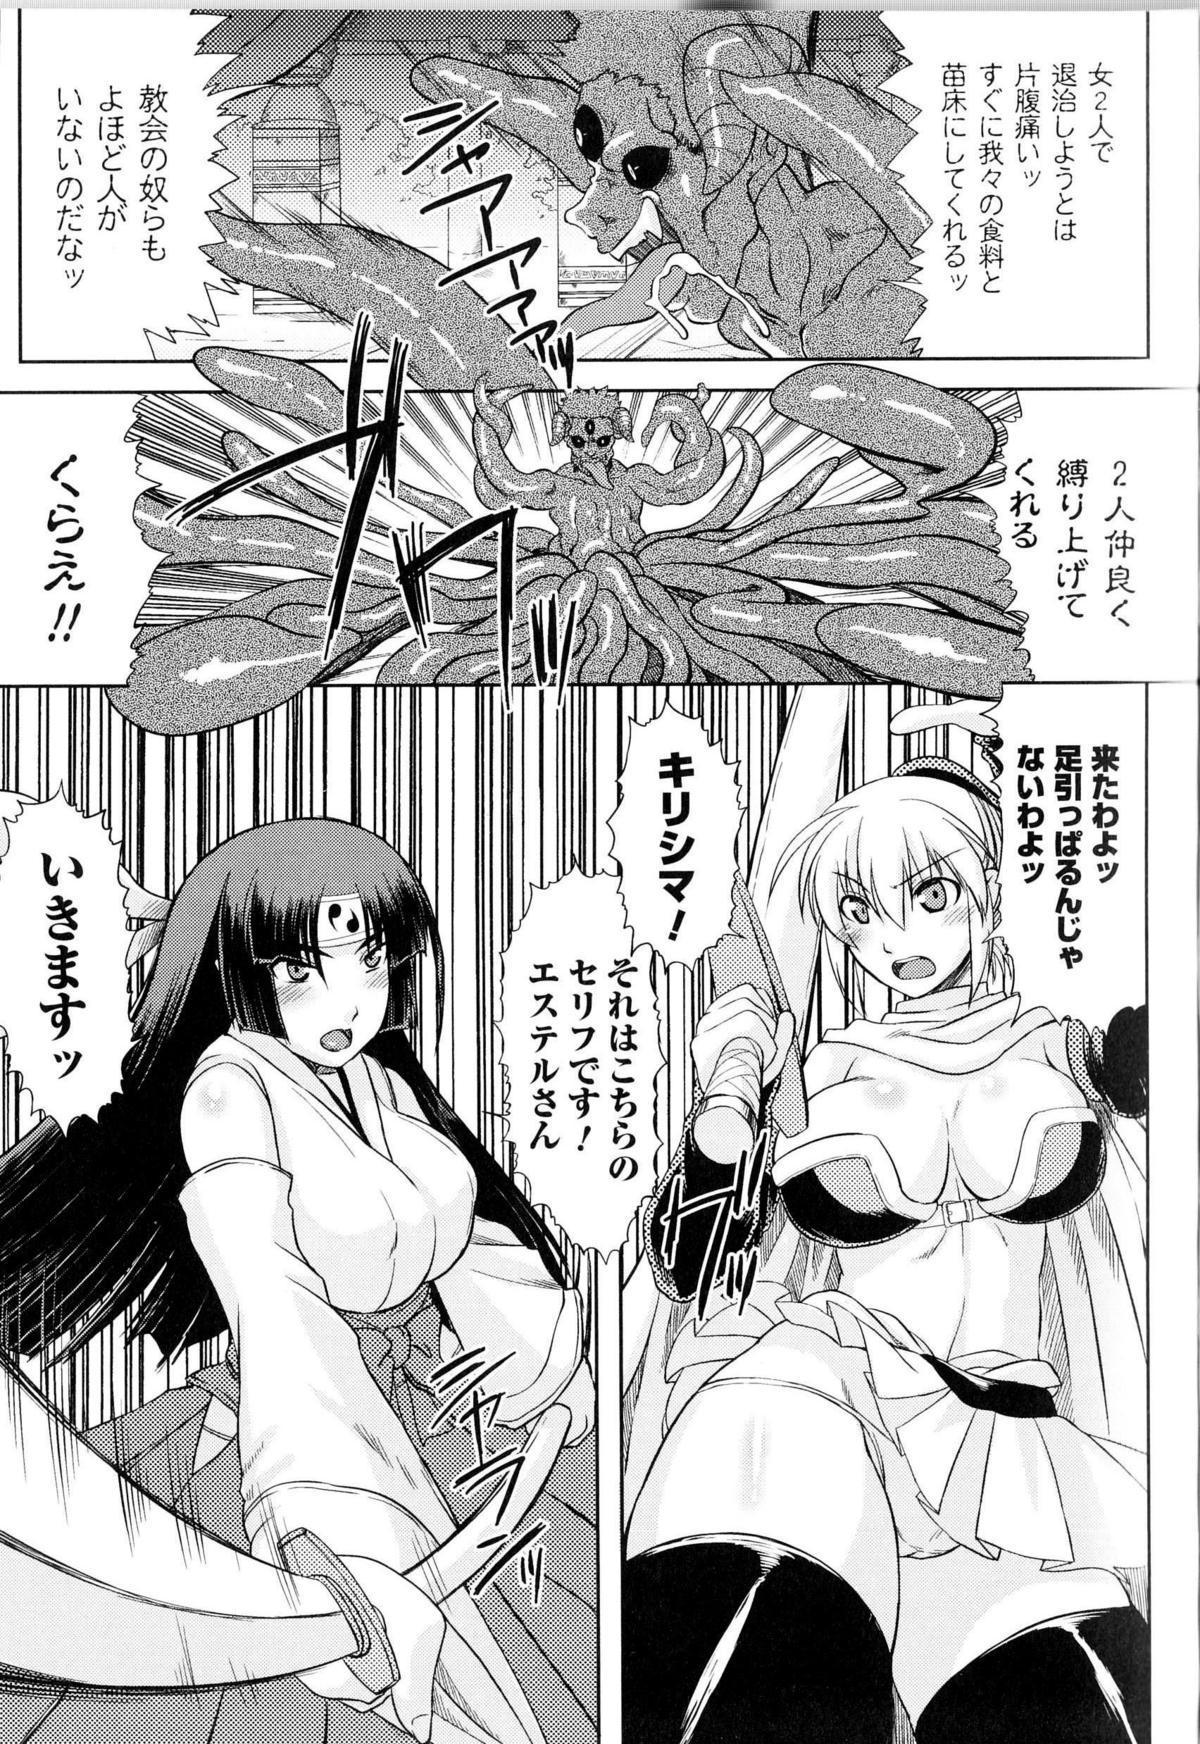 Toushin Engi Vol.14 45